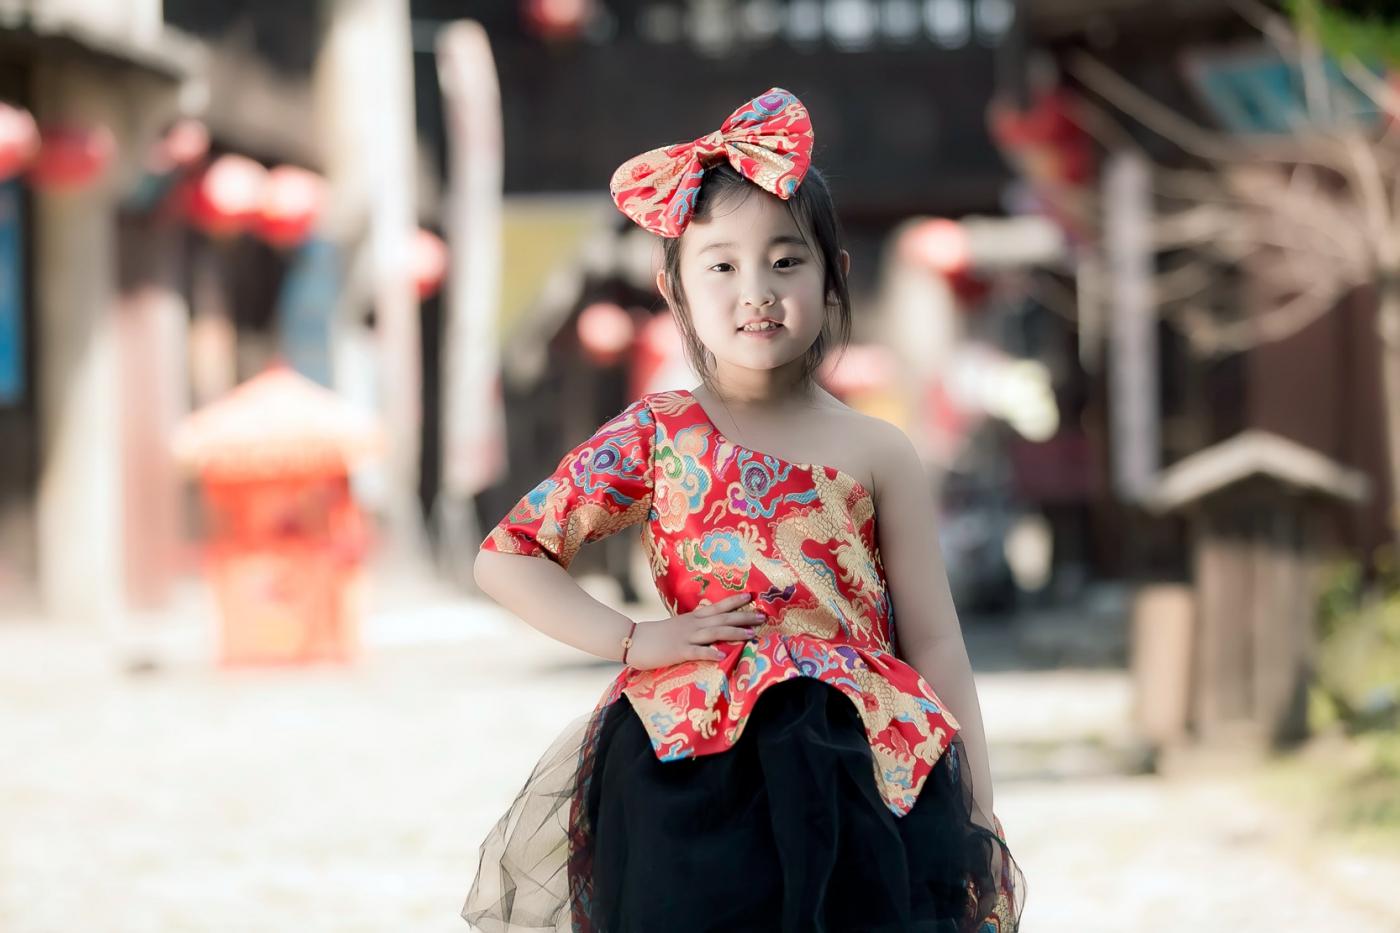 沂蒙娃娃穿上礼服走上show台 有个女孩特别萌 礼仪就要从娃娃抓起 ..._图1-12